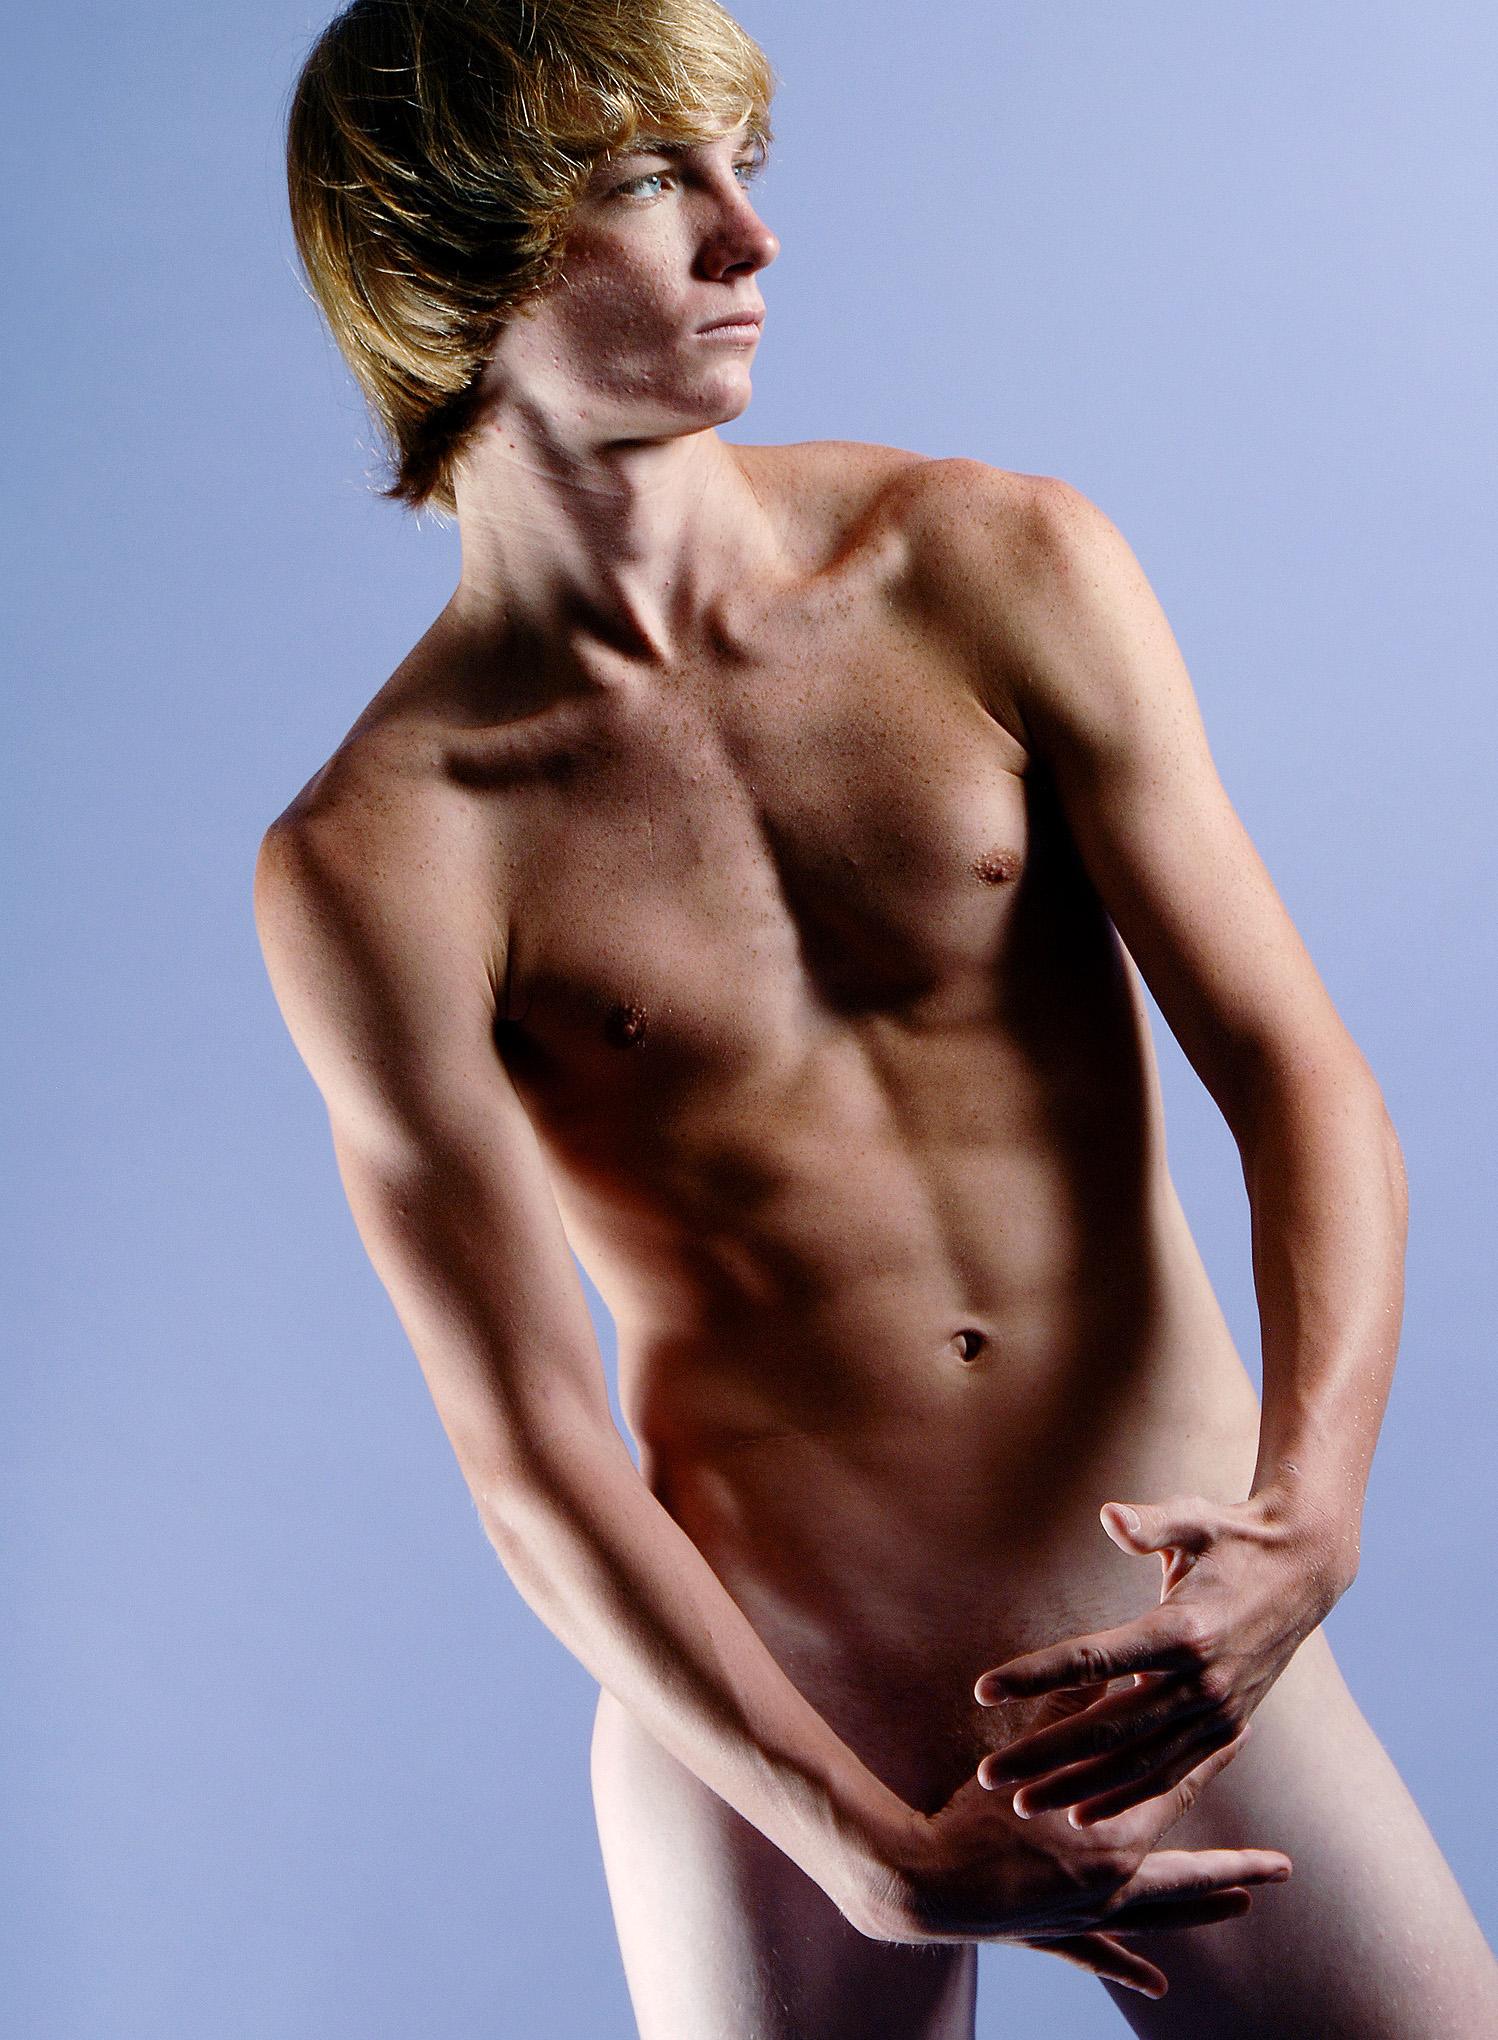 ModelTeenz Evan W